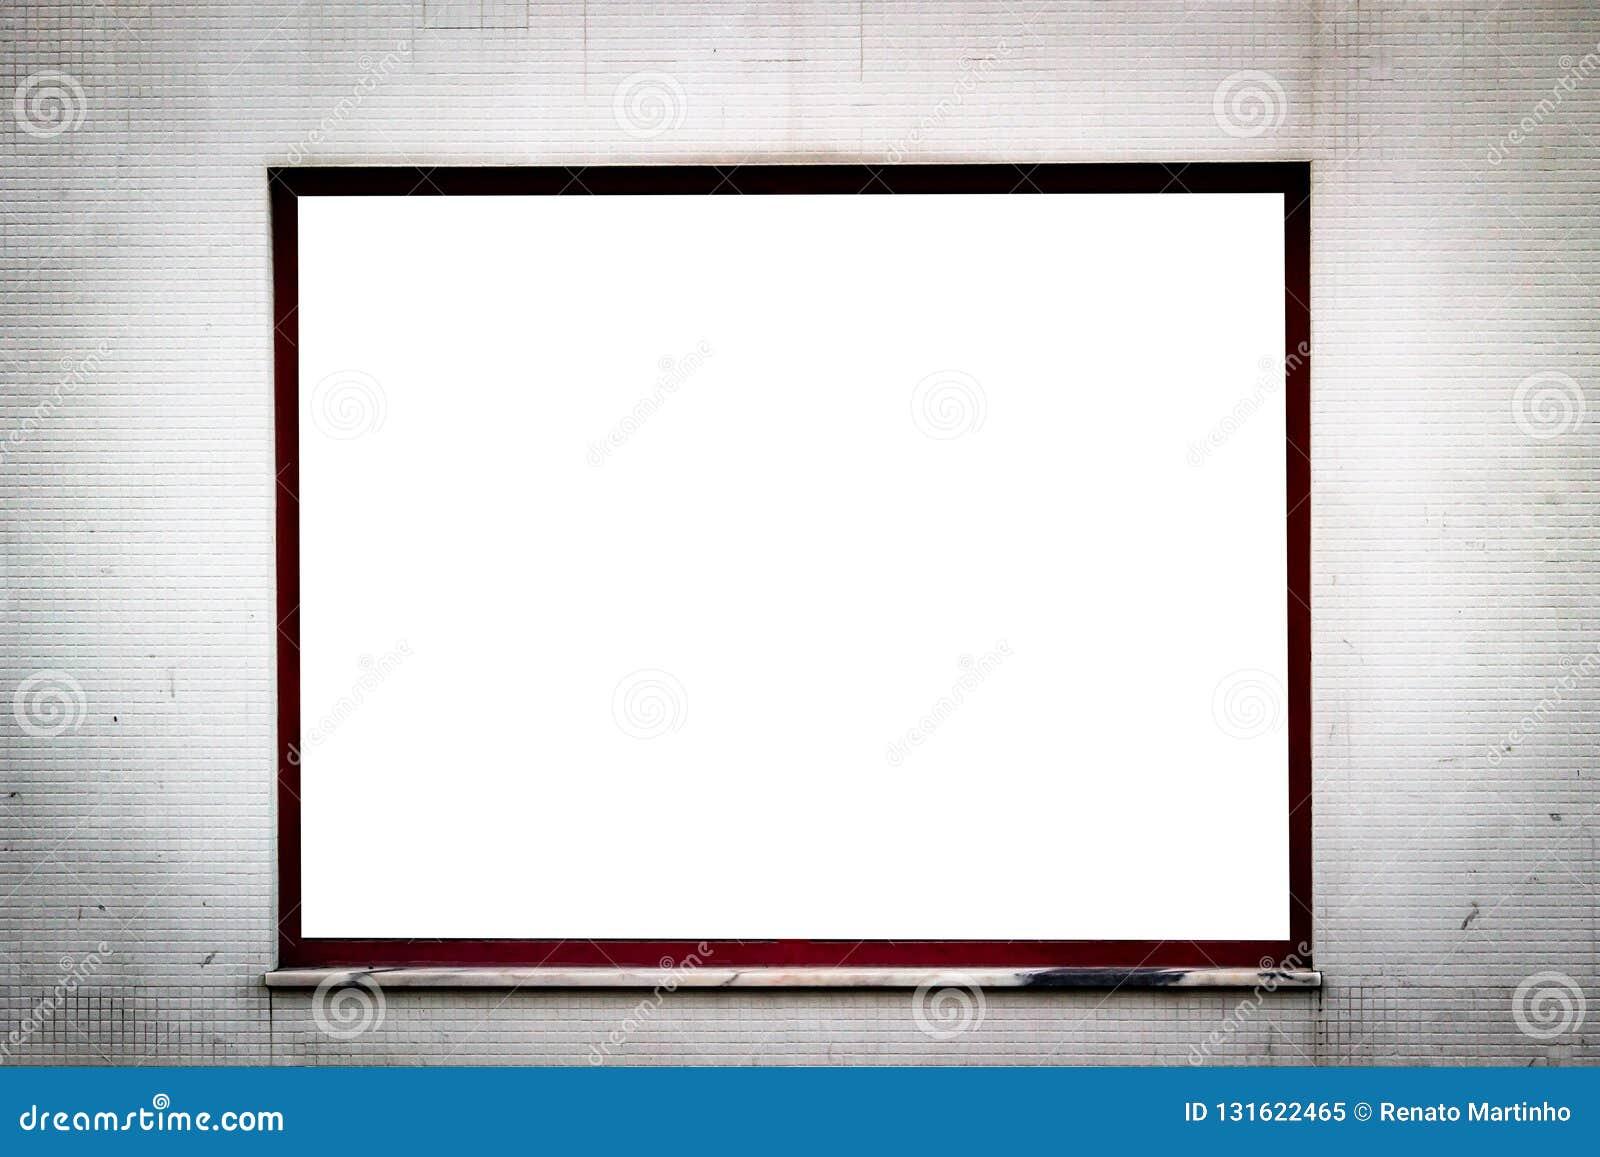 Fenster-Anzeigen-Modell auf Rusty Tiled Wall Zwei Räume Kopieren Sie Platz